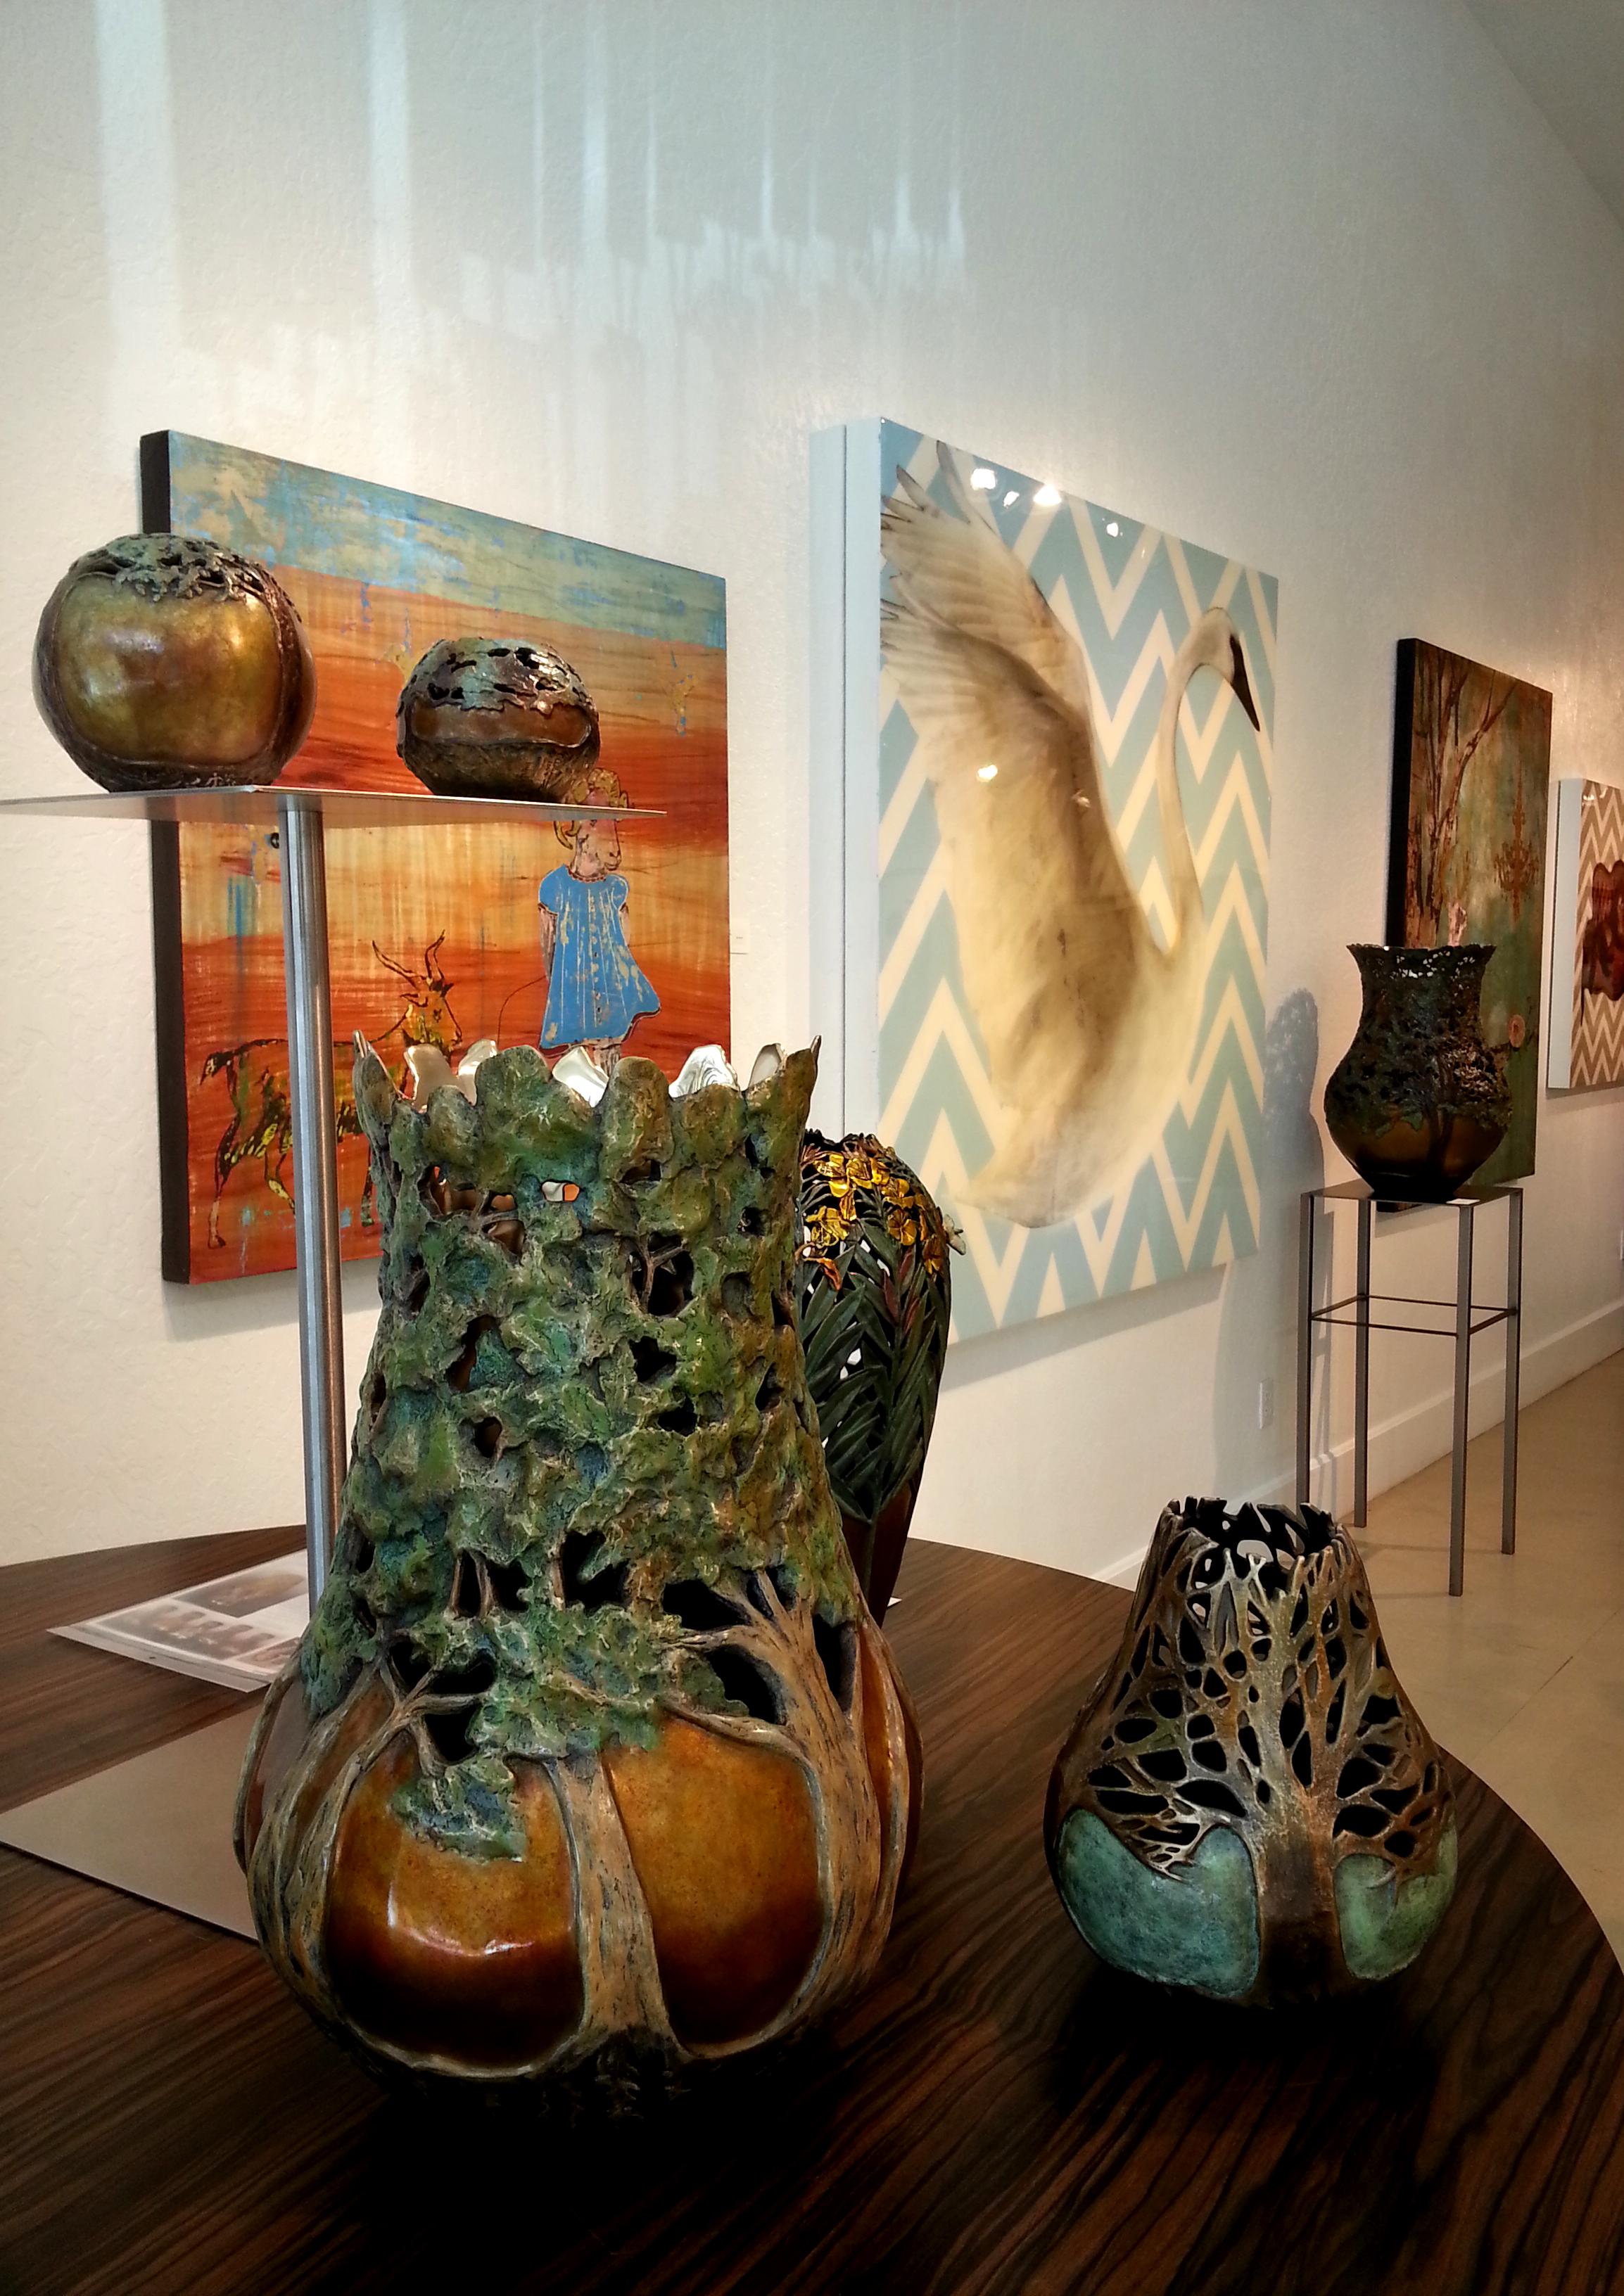 Park City Gallery, Gallery MAR